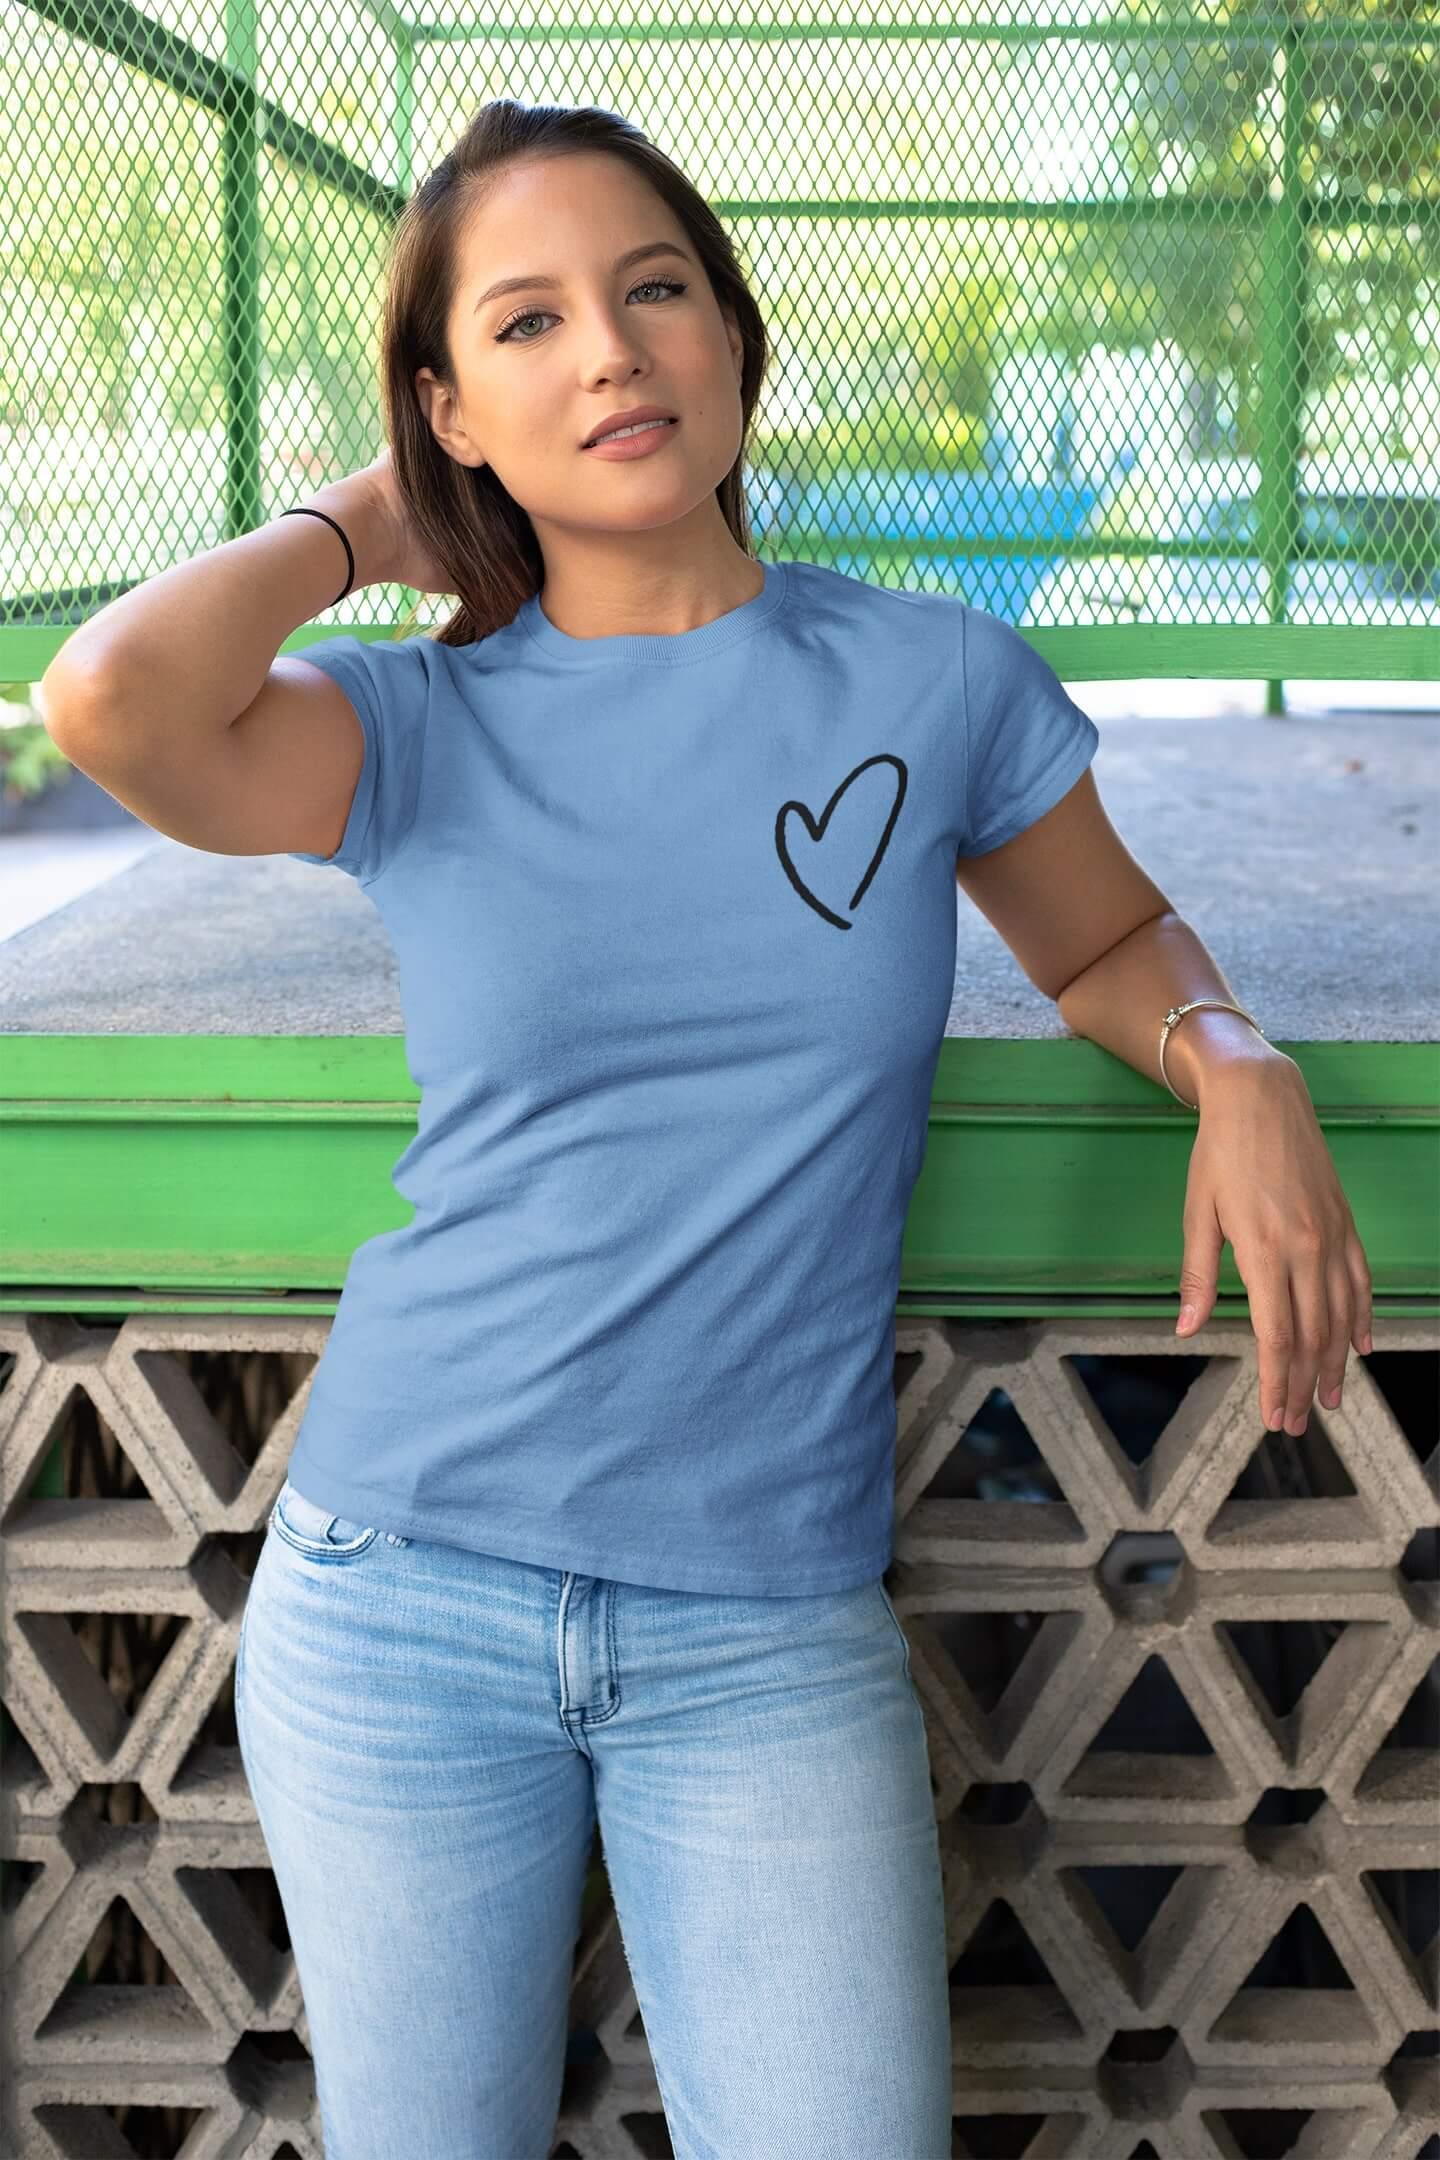 MMO Dámske tričko Srdce Vyberte farbu: Svetlomodrá, Dámska veľkosť: M